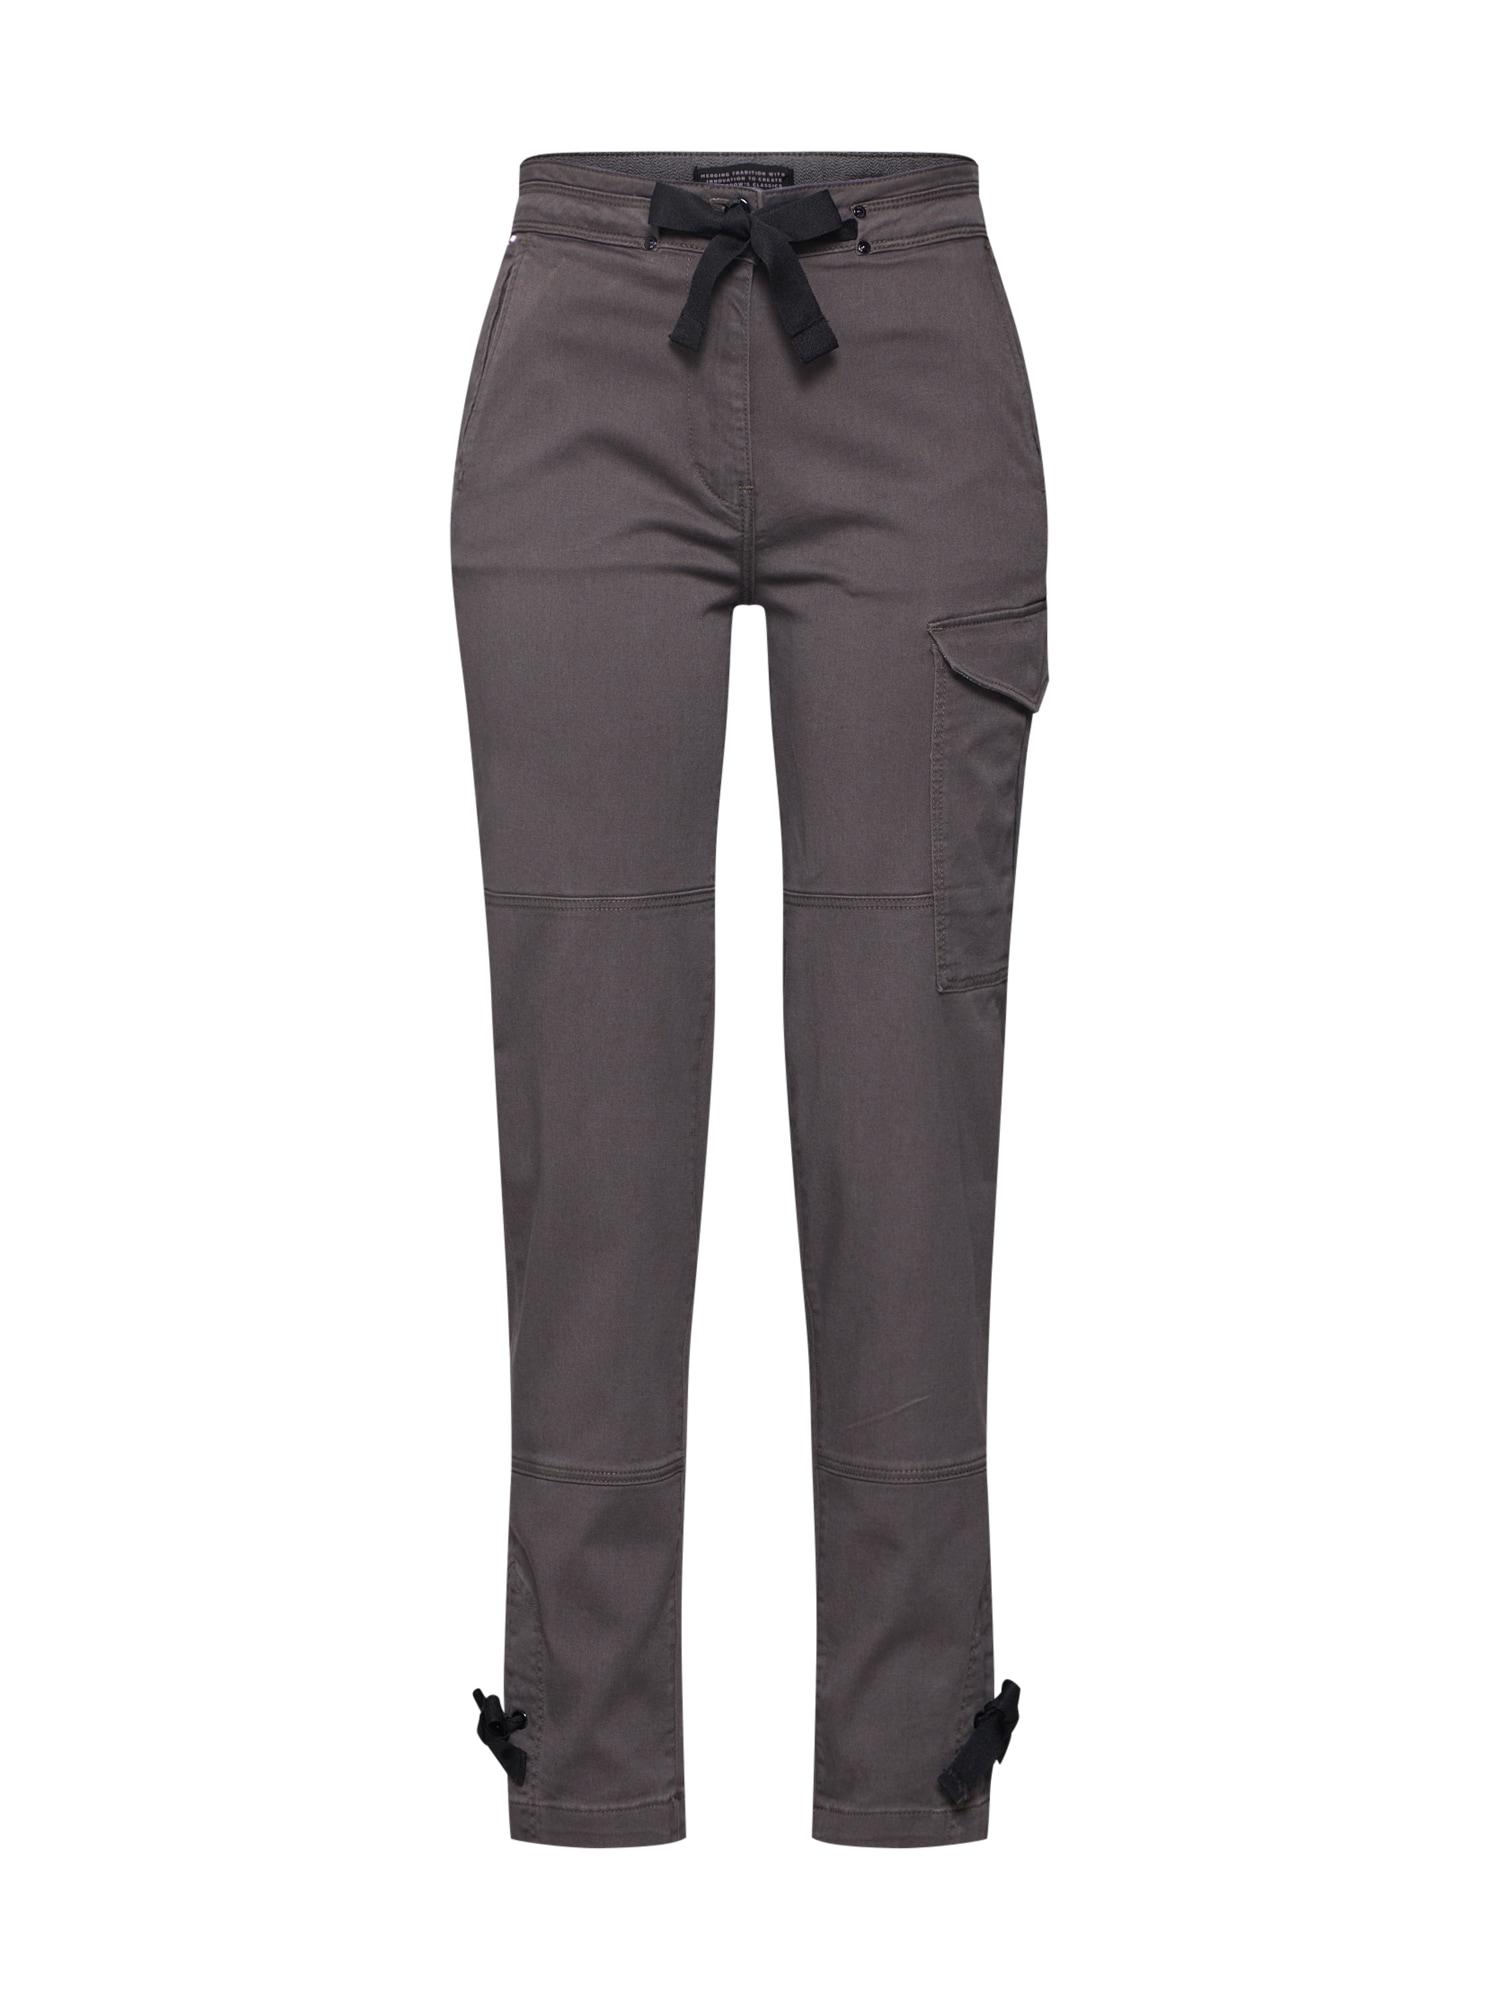 Kalhoty Blossite High Straight Cargo čedičová šedá G-STAR RAW